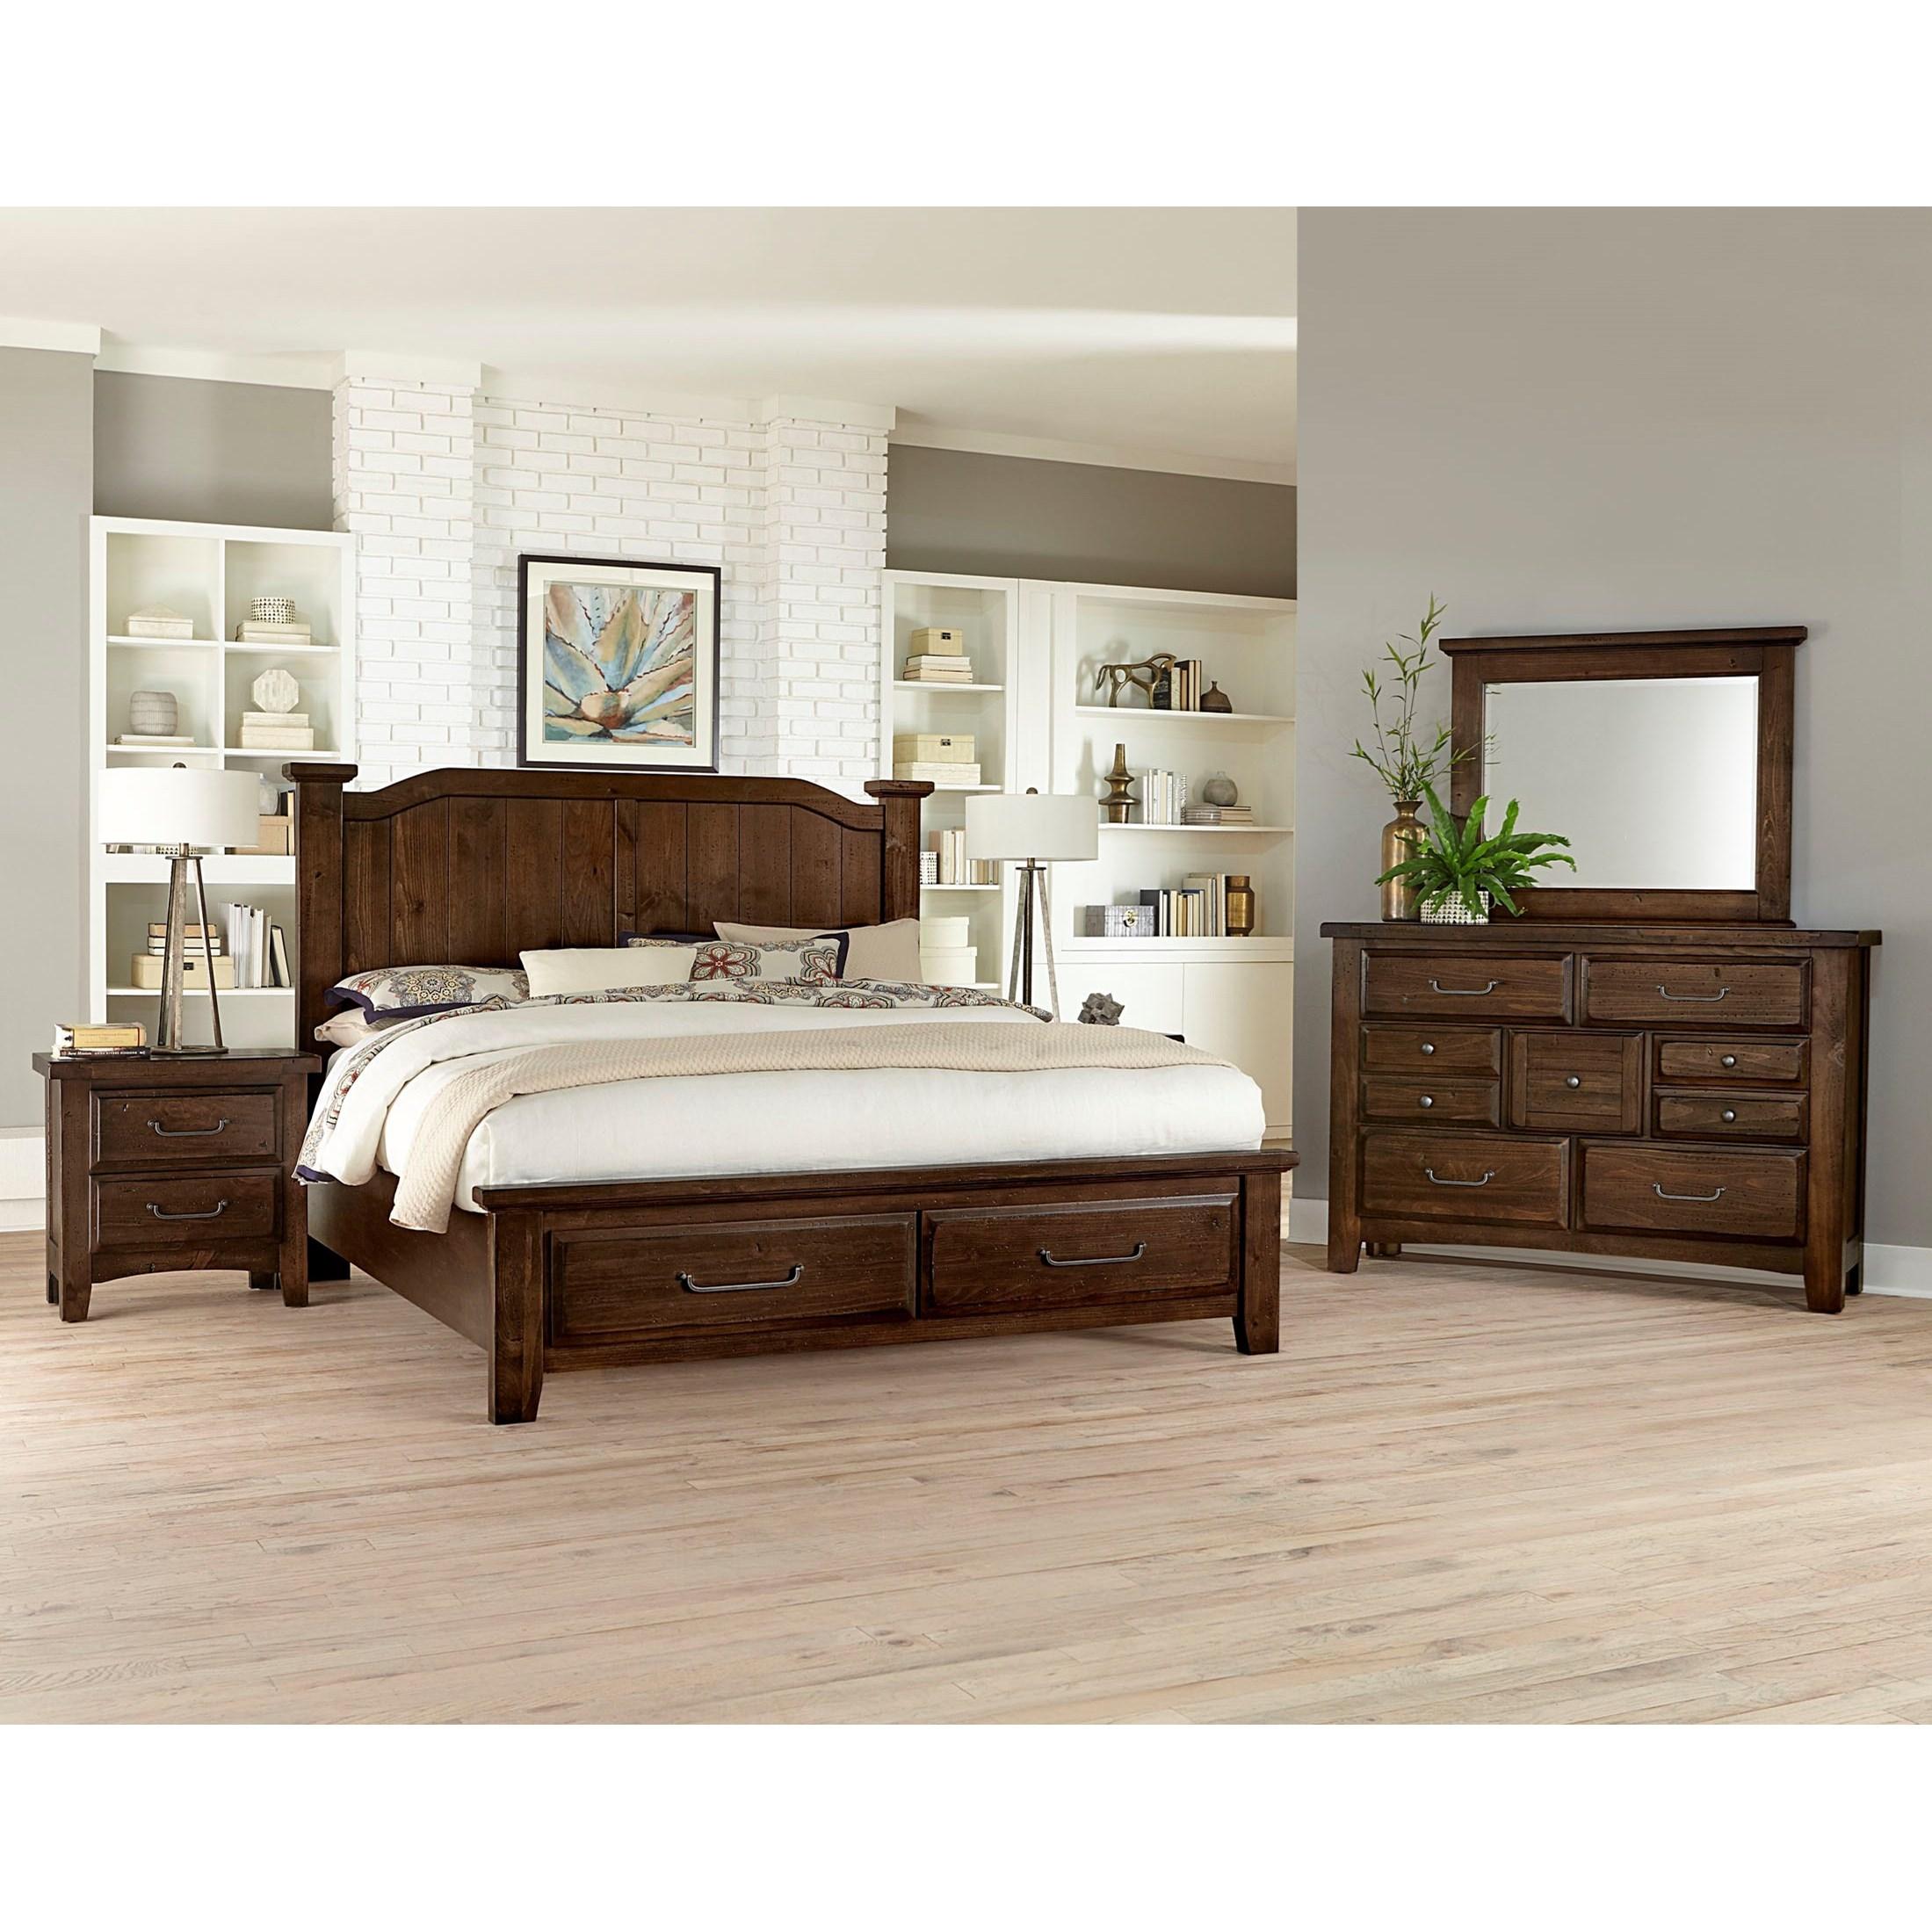 Vaughan Bassett Sawmill Queen Bedroom Group